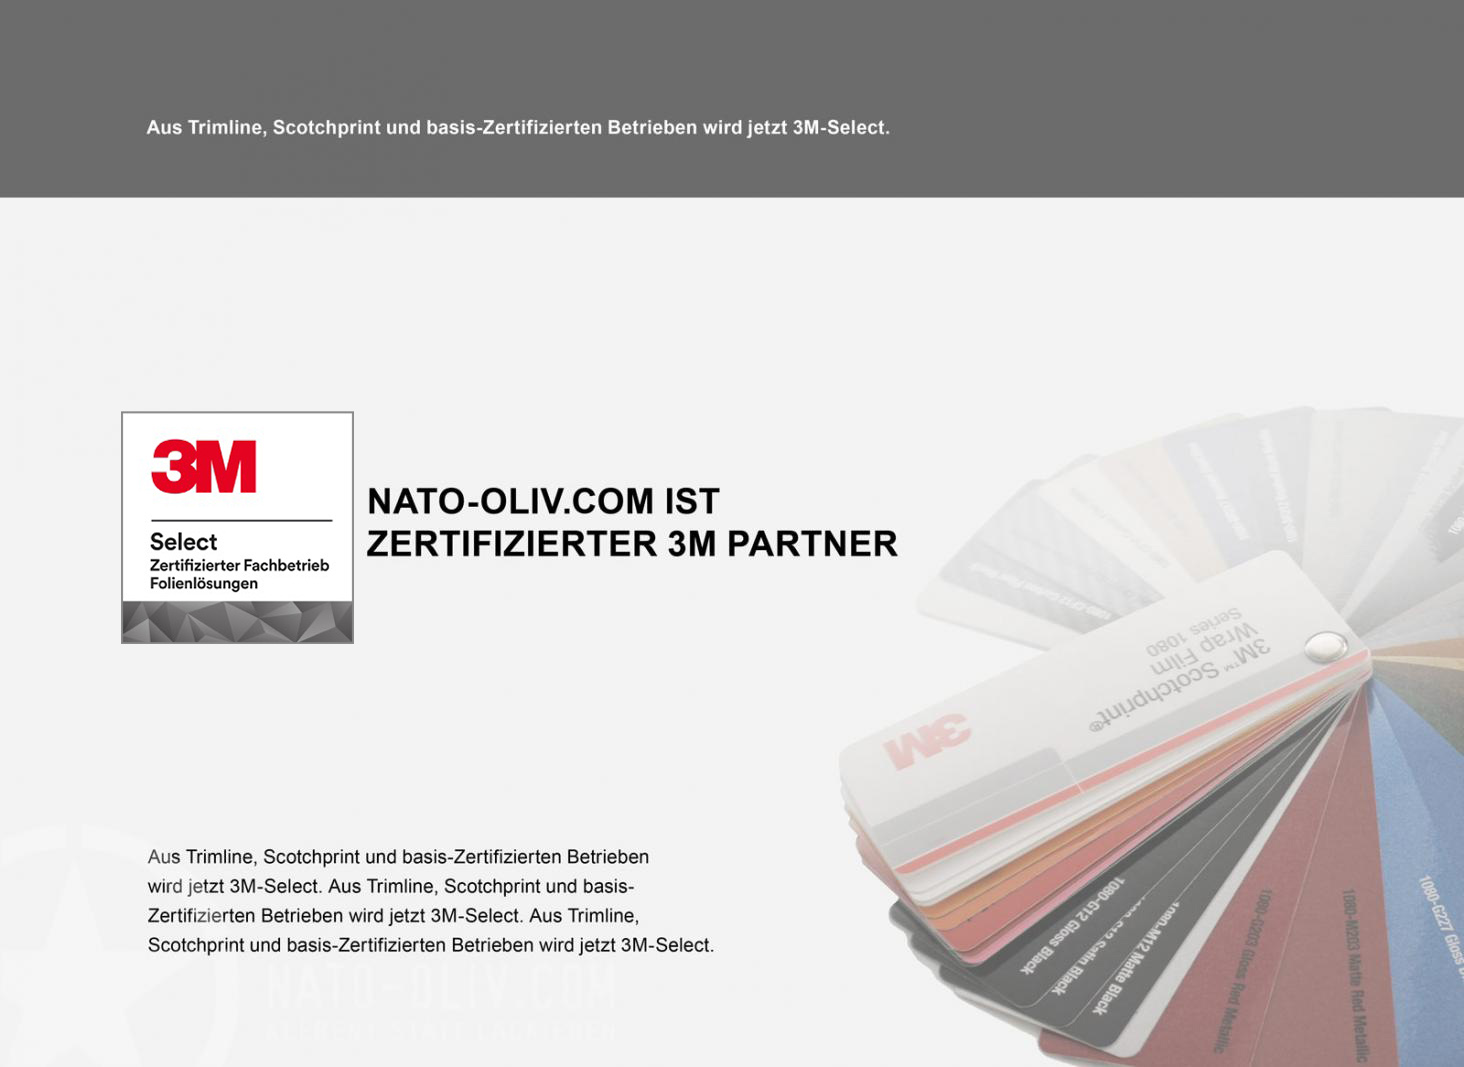 Nato-Oliv.com ist ein zertifizierter 3M-Select Fachbetrieb.